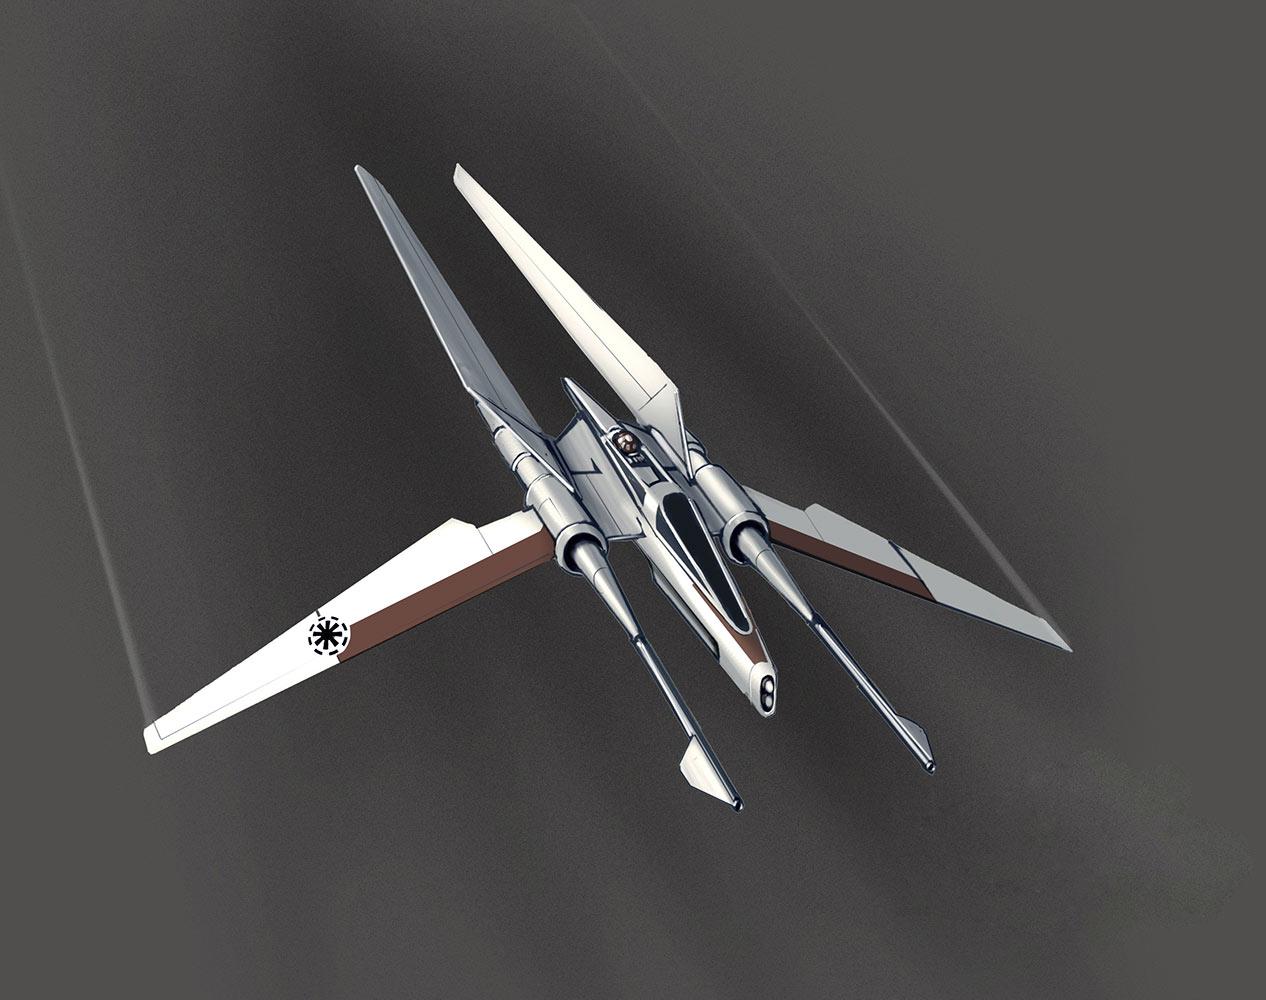 Un combattant vectoriel Jedi.